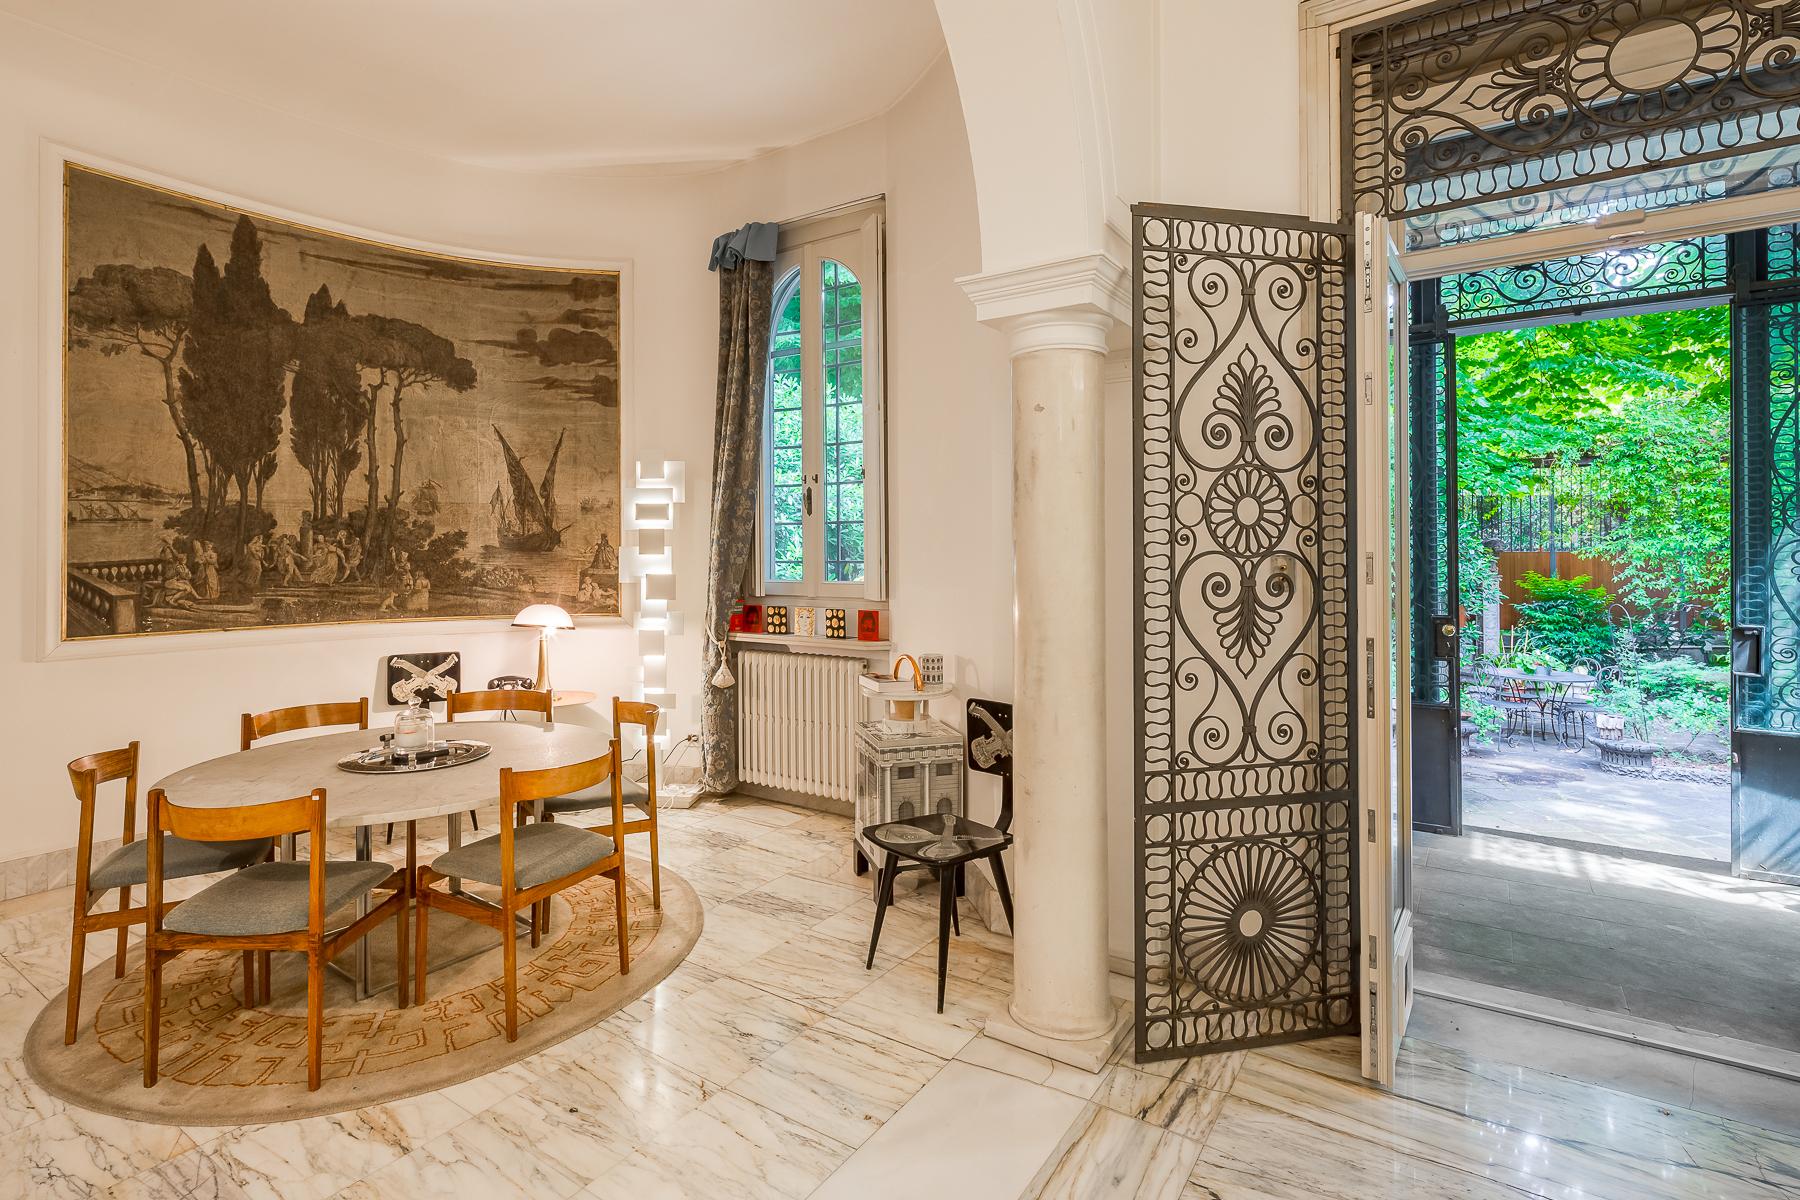 Casa indipendente di lusso in affitto a milano via plinio for Case arredate affitto milano